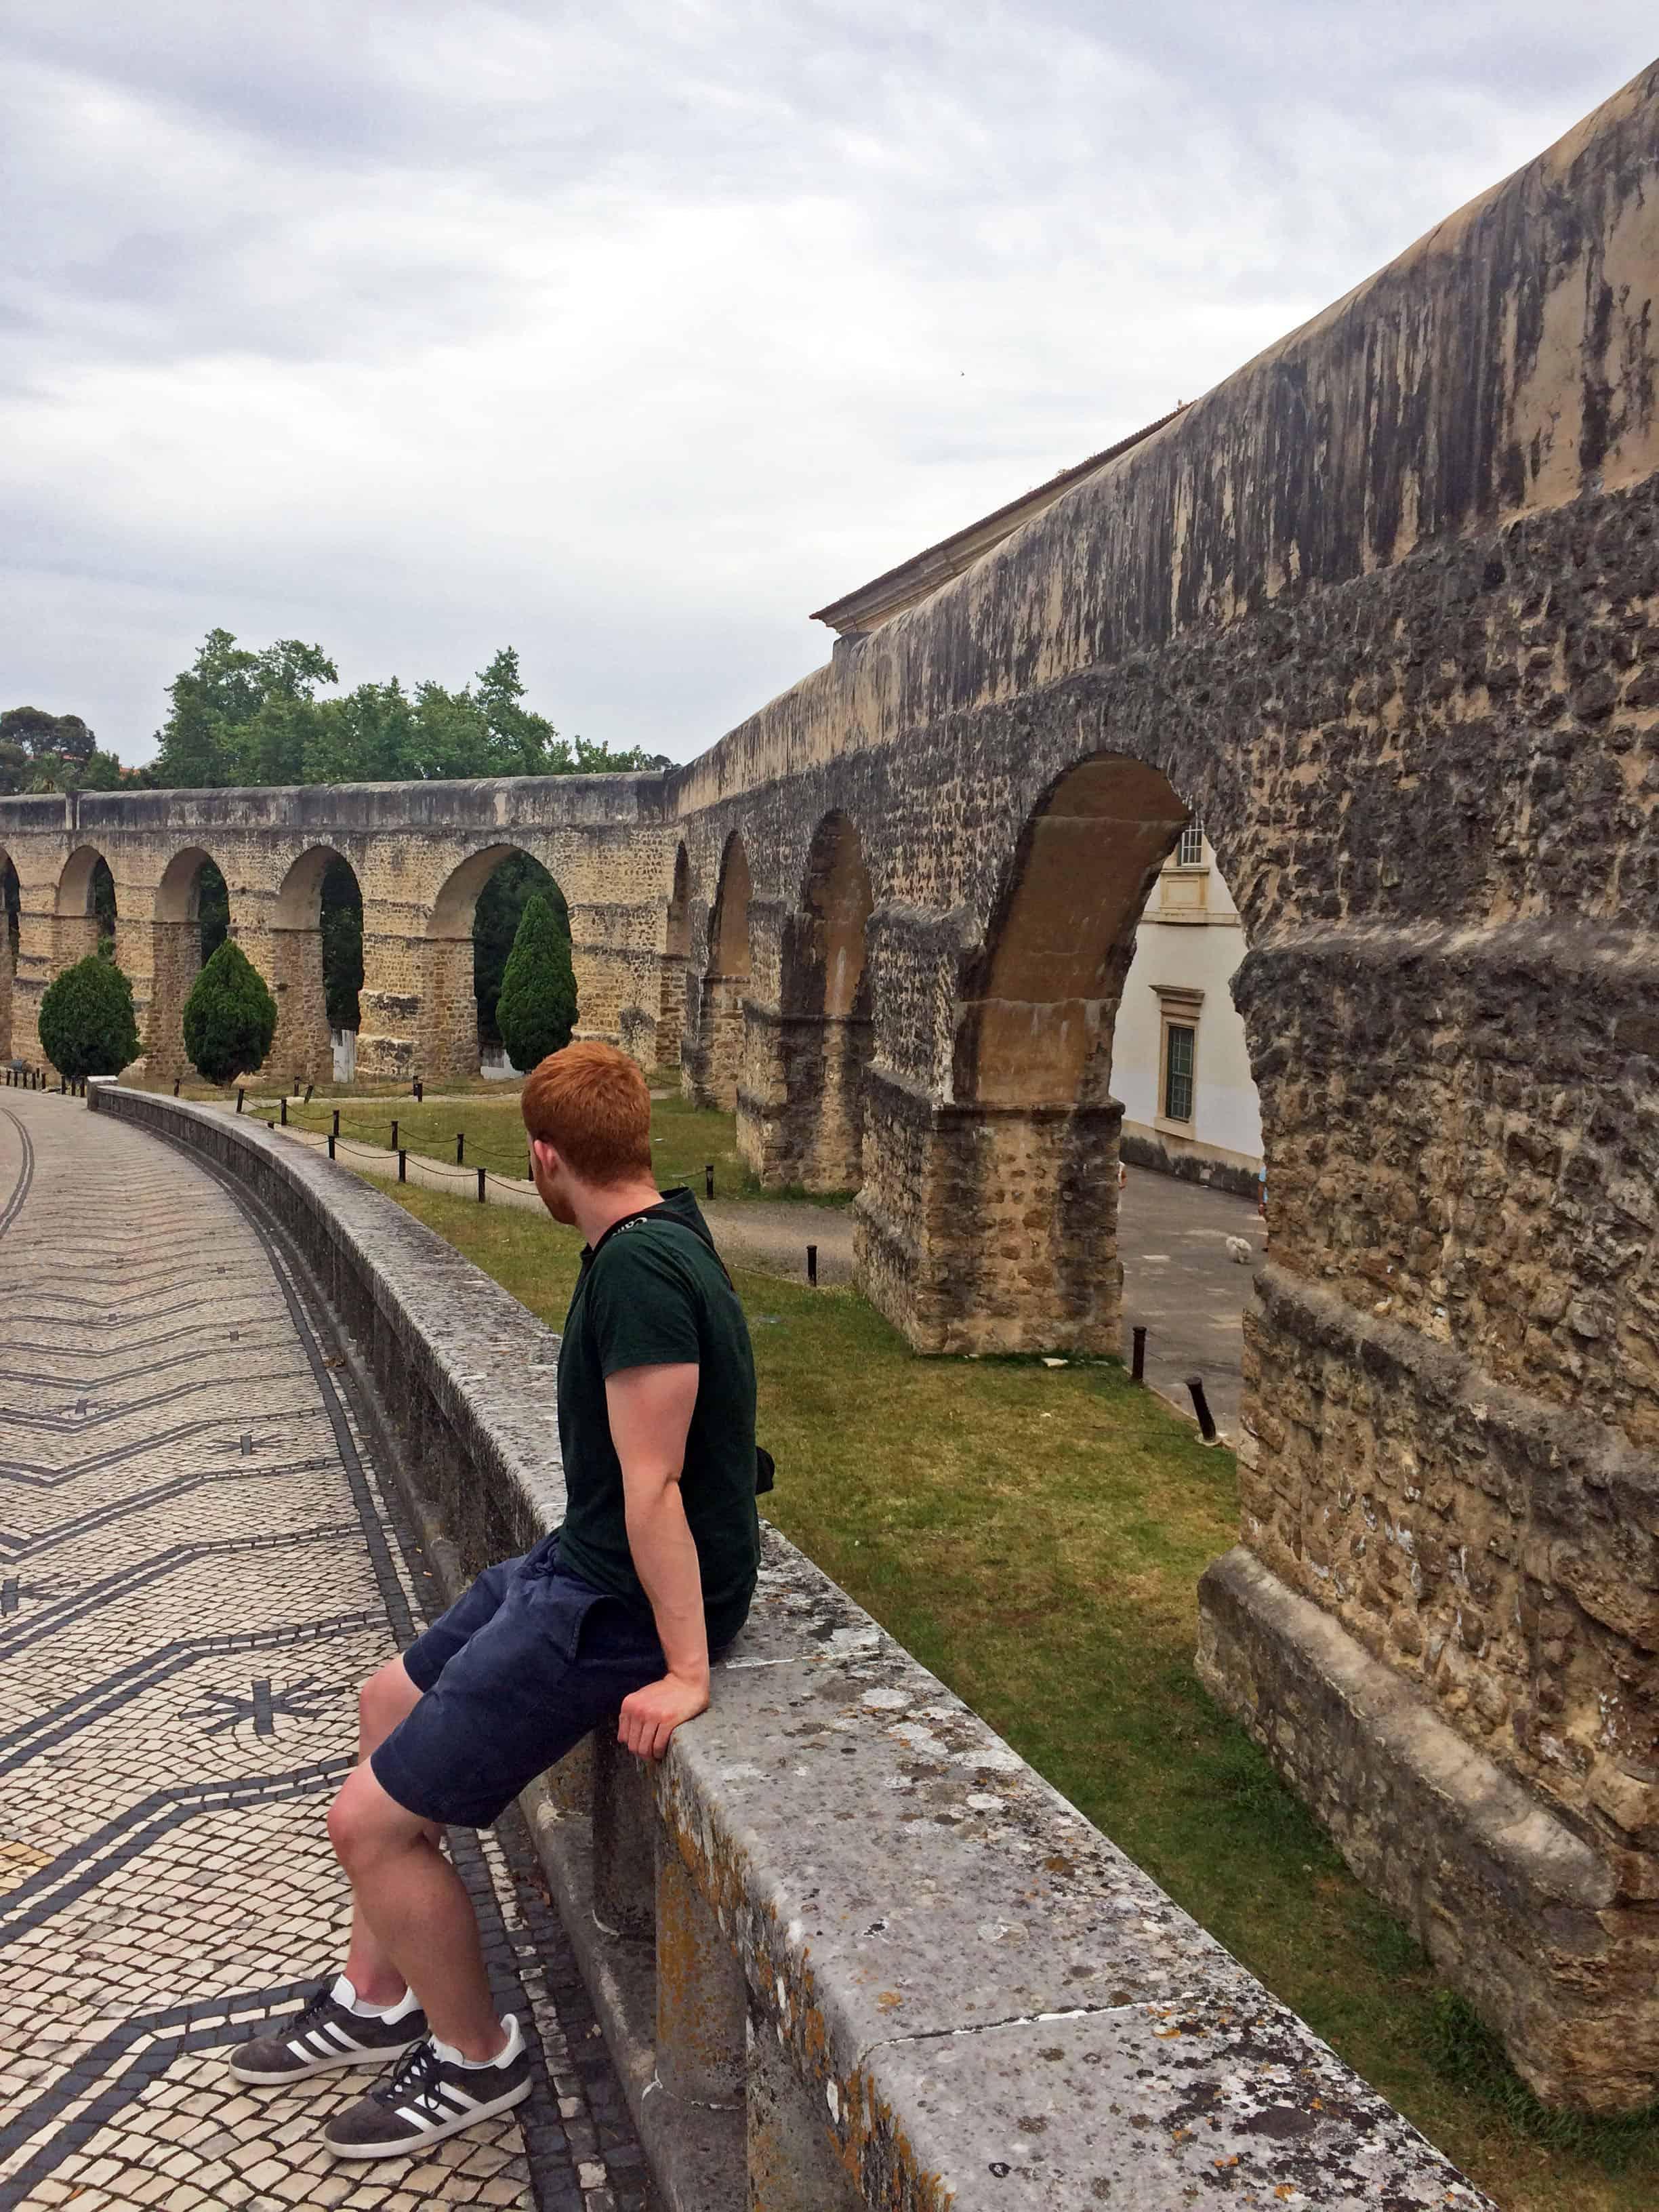 Aqueduto de São Sebastião - Arcos do Jardim Coimbra, Portugal